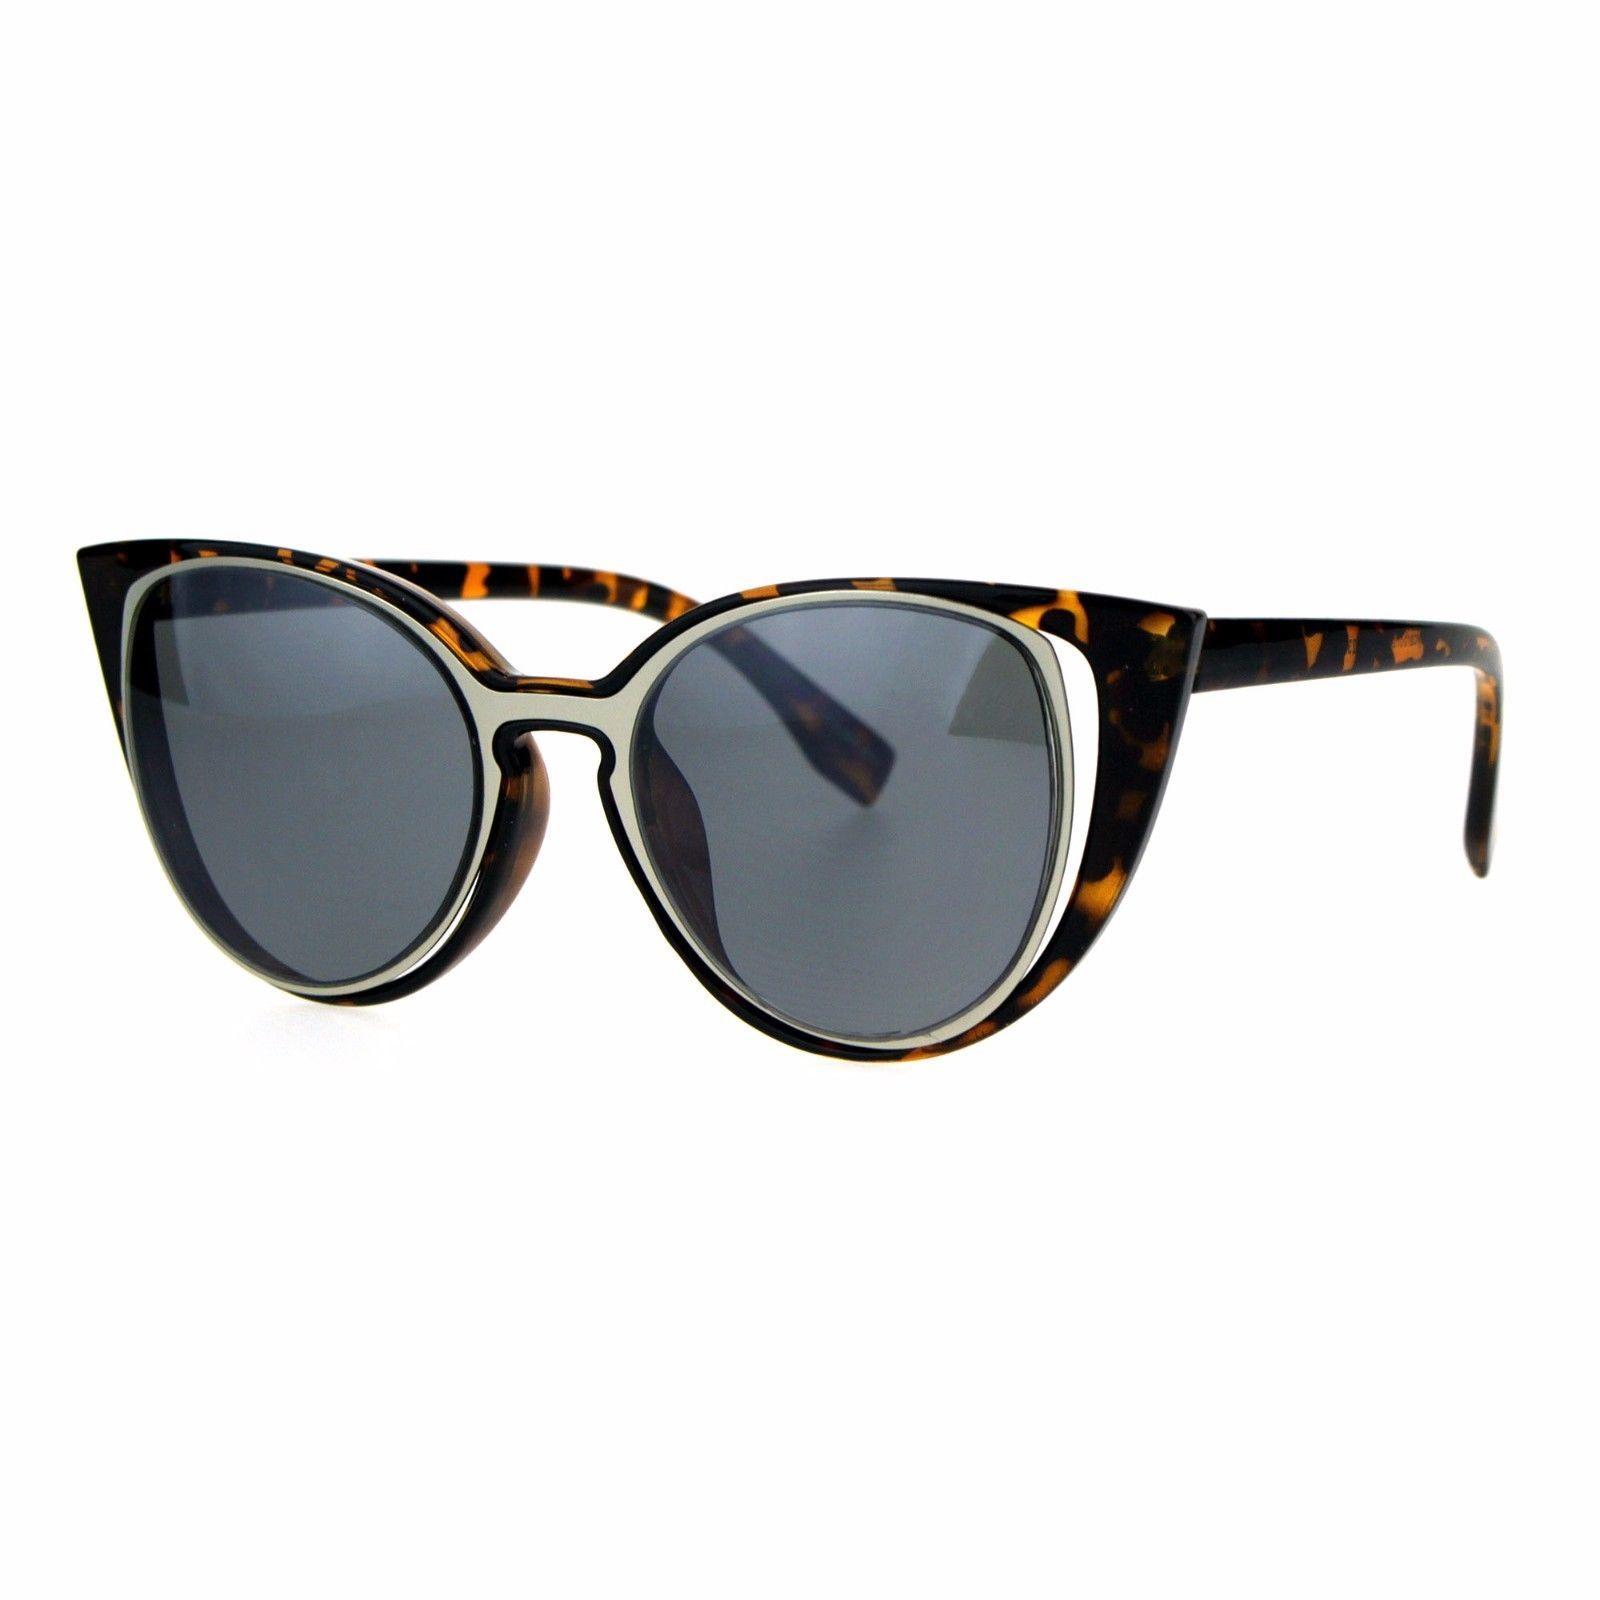 Cateye Fashion Sunglasses Unique Open Double Frame Womens UV 400